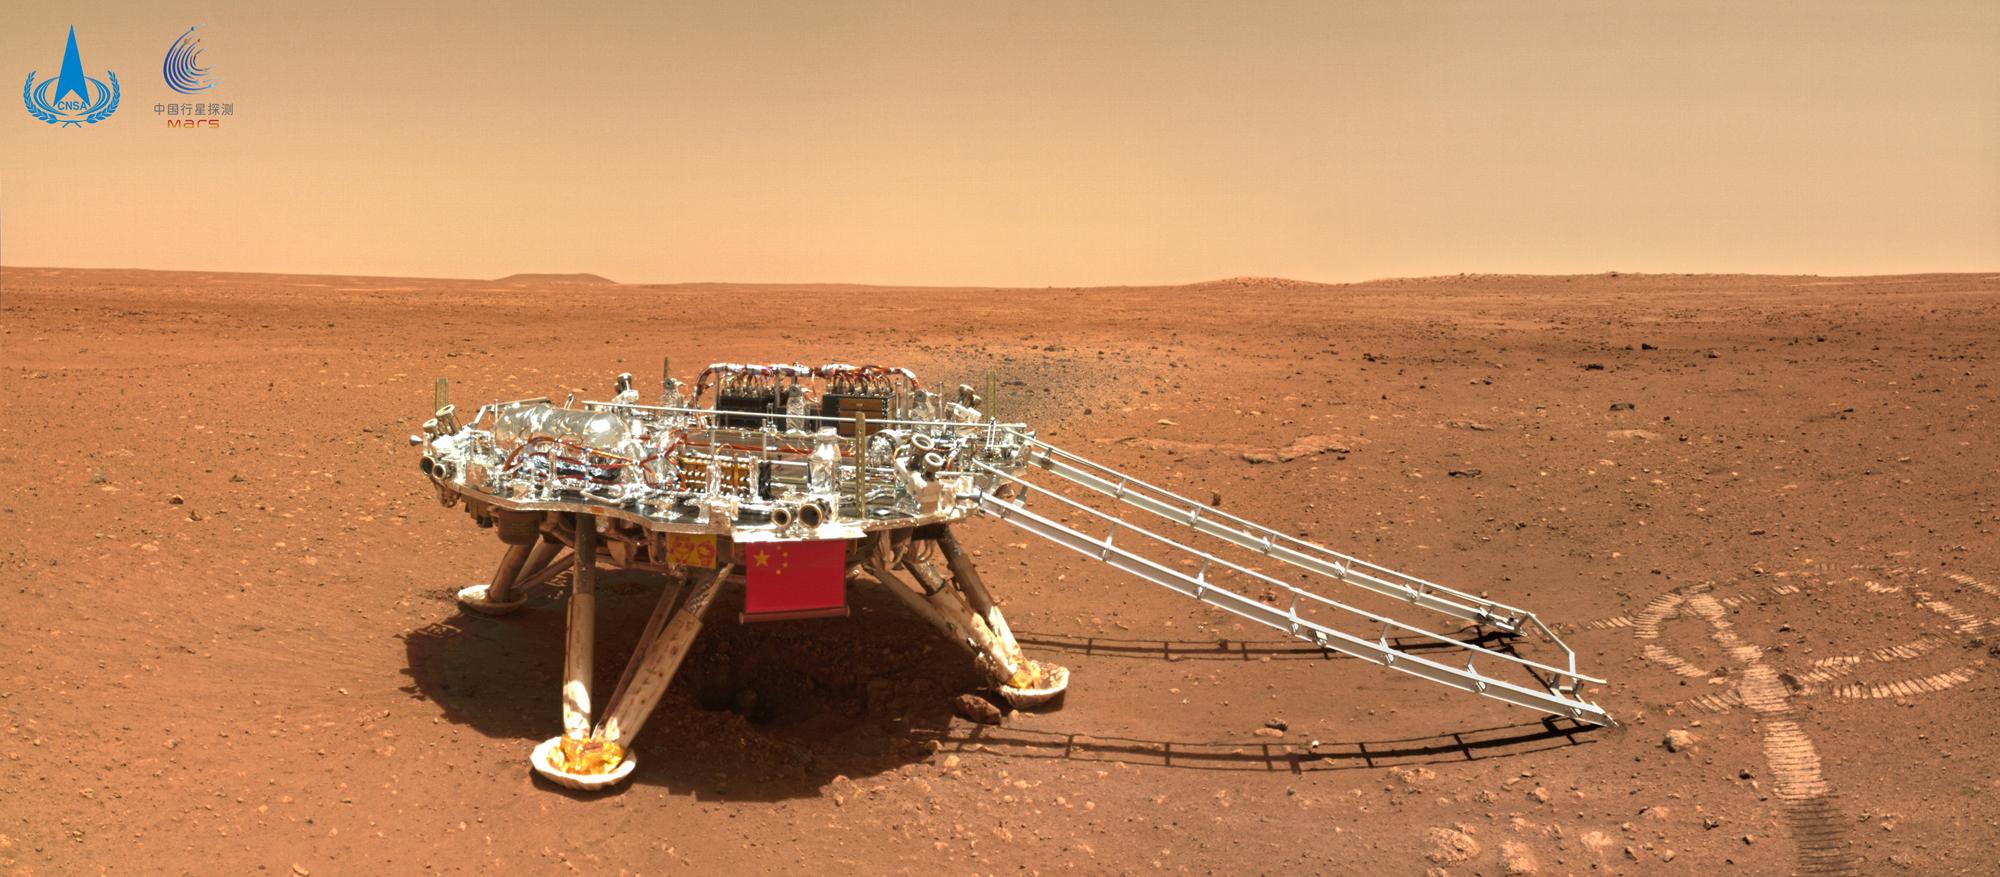 Cette photo du rover chinois Zhurong montre une vue latérale de son atterrisseur Tianwen 1 sur son site d'atterrissage à Utopia Planitia.  Les traces du rover sont visibles à droite. Cette image a été publiée le 11 juin 2021.